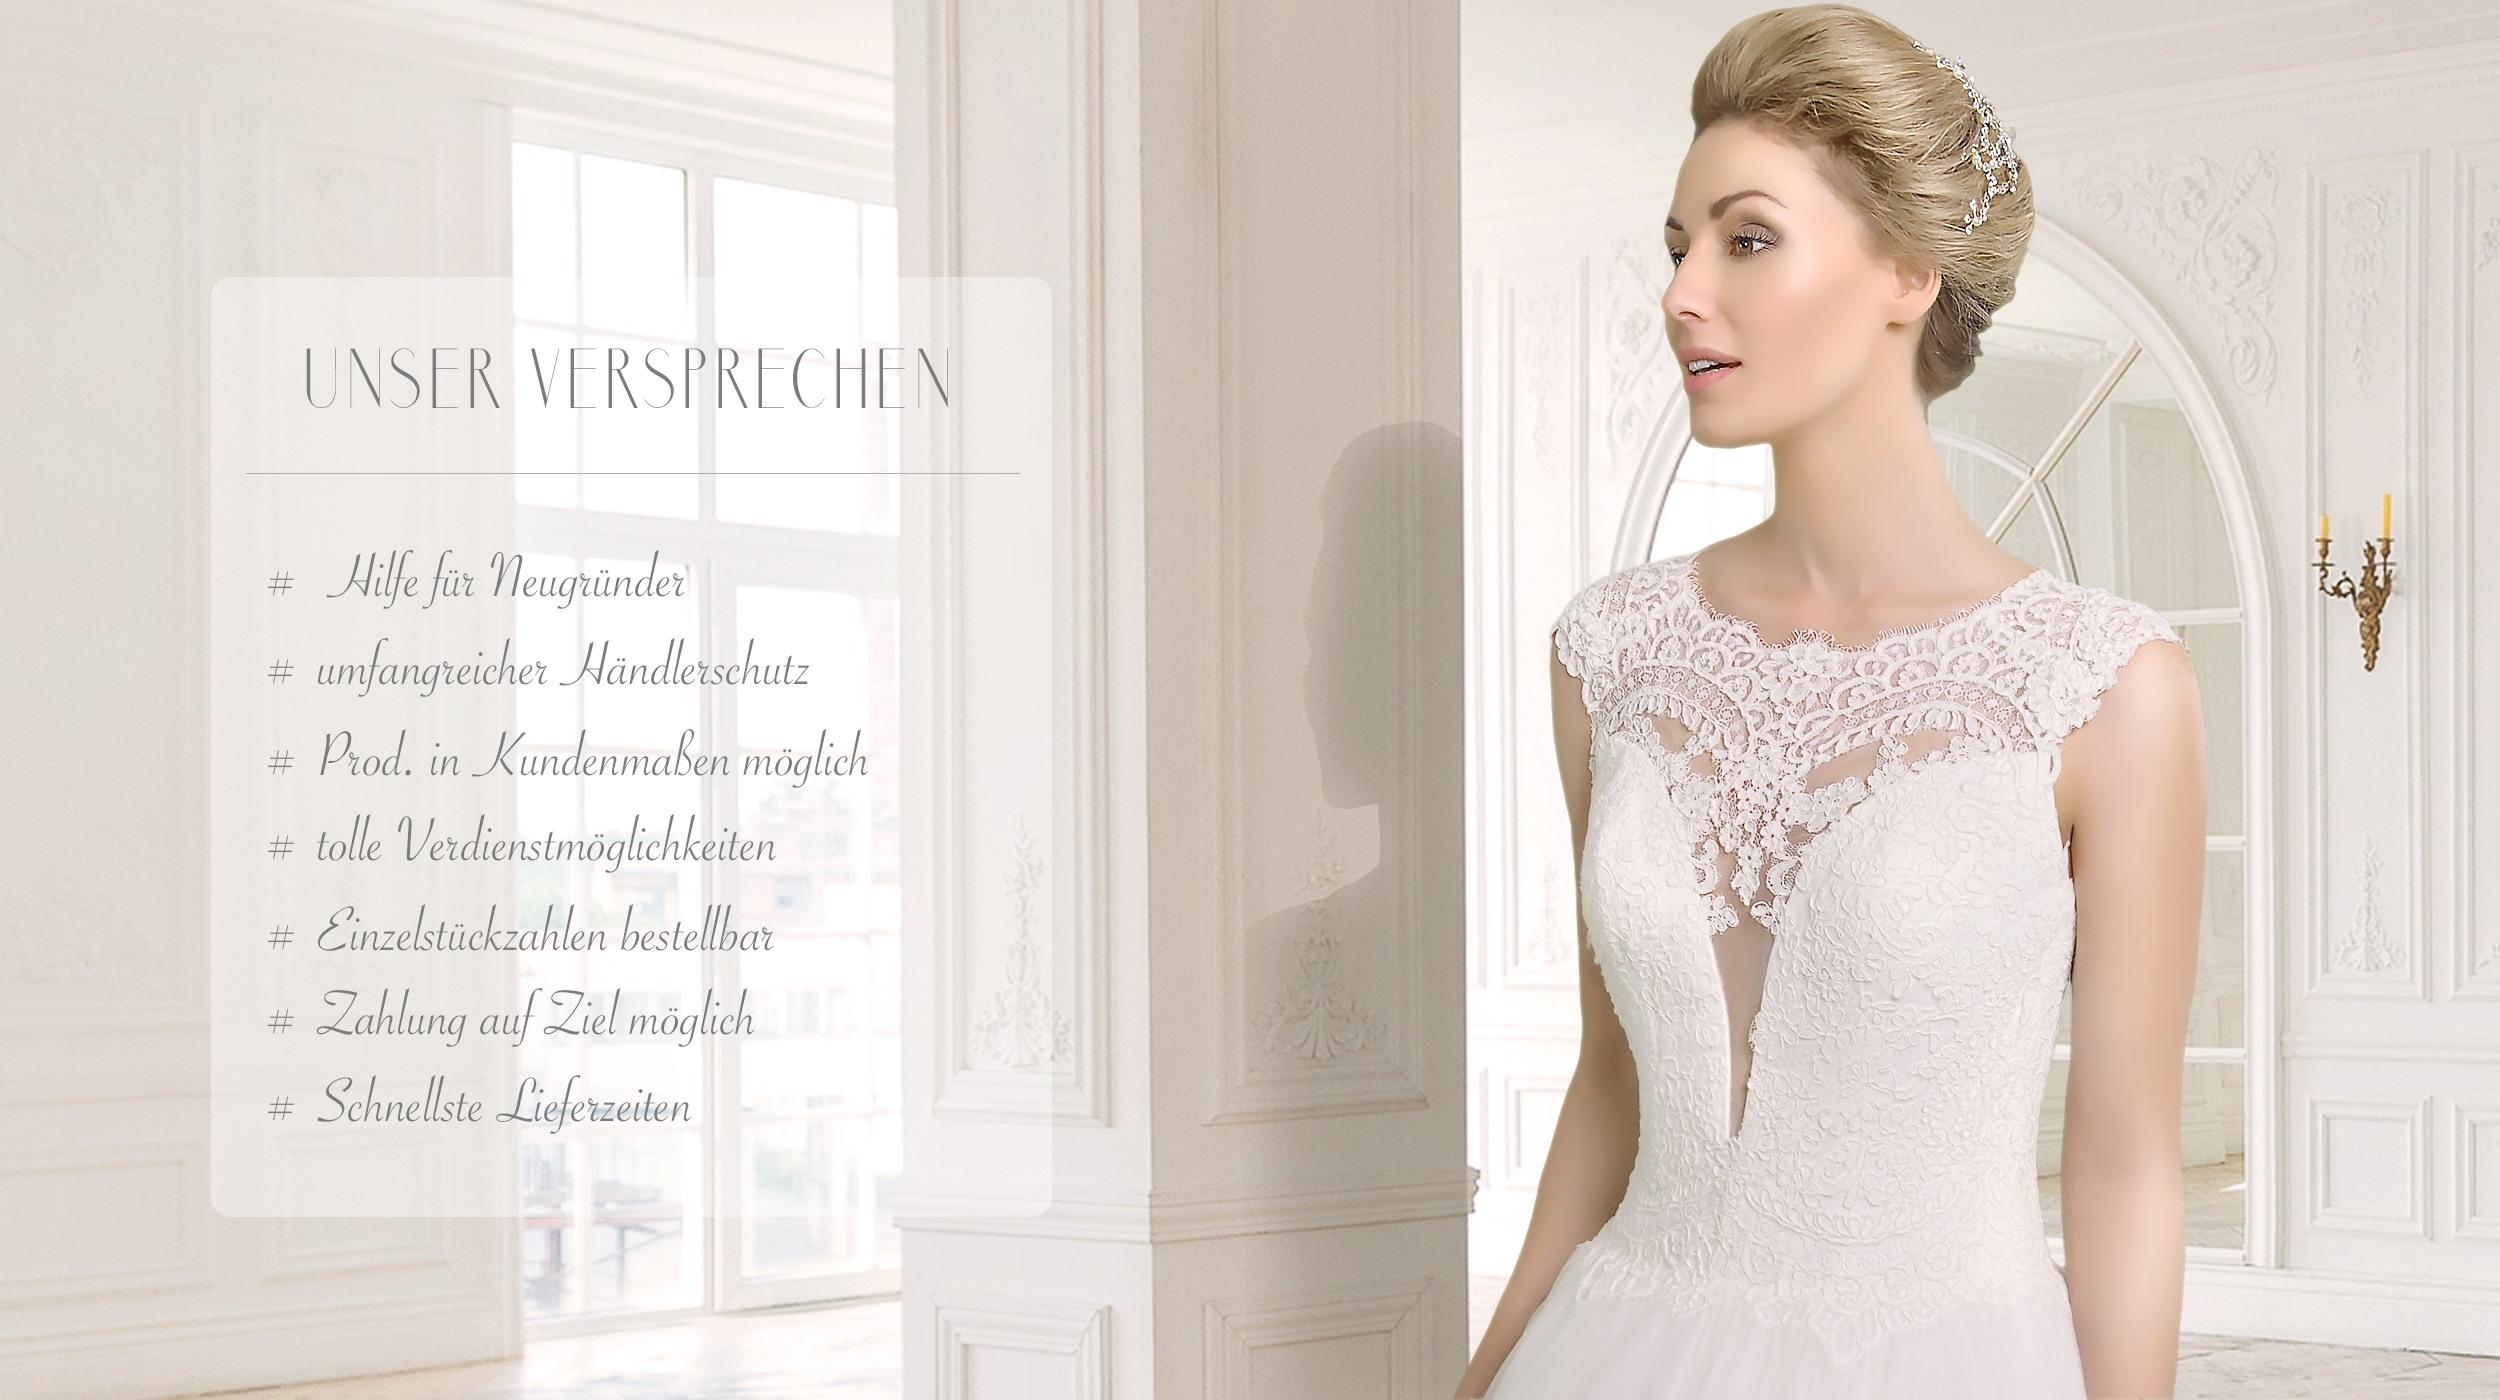 20 Schön Brautkleider Geschäfte Design15 Luxus Brautkleider Geschäfte Bester Preis